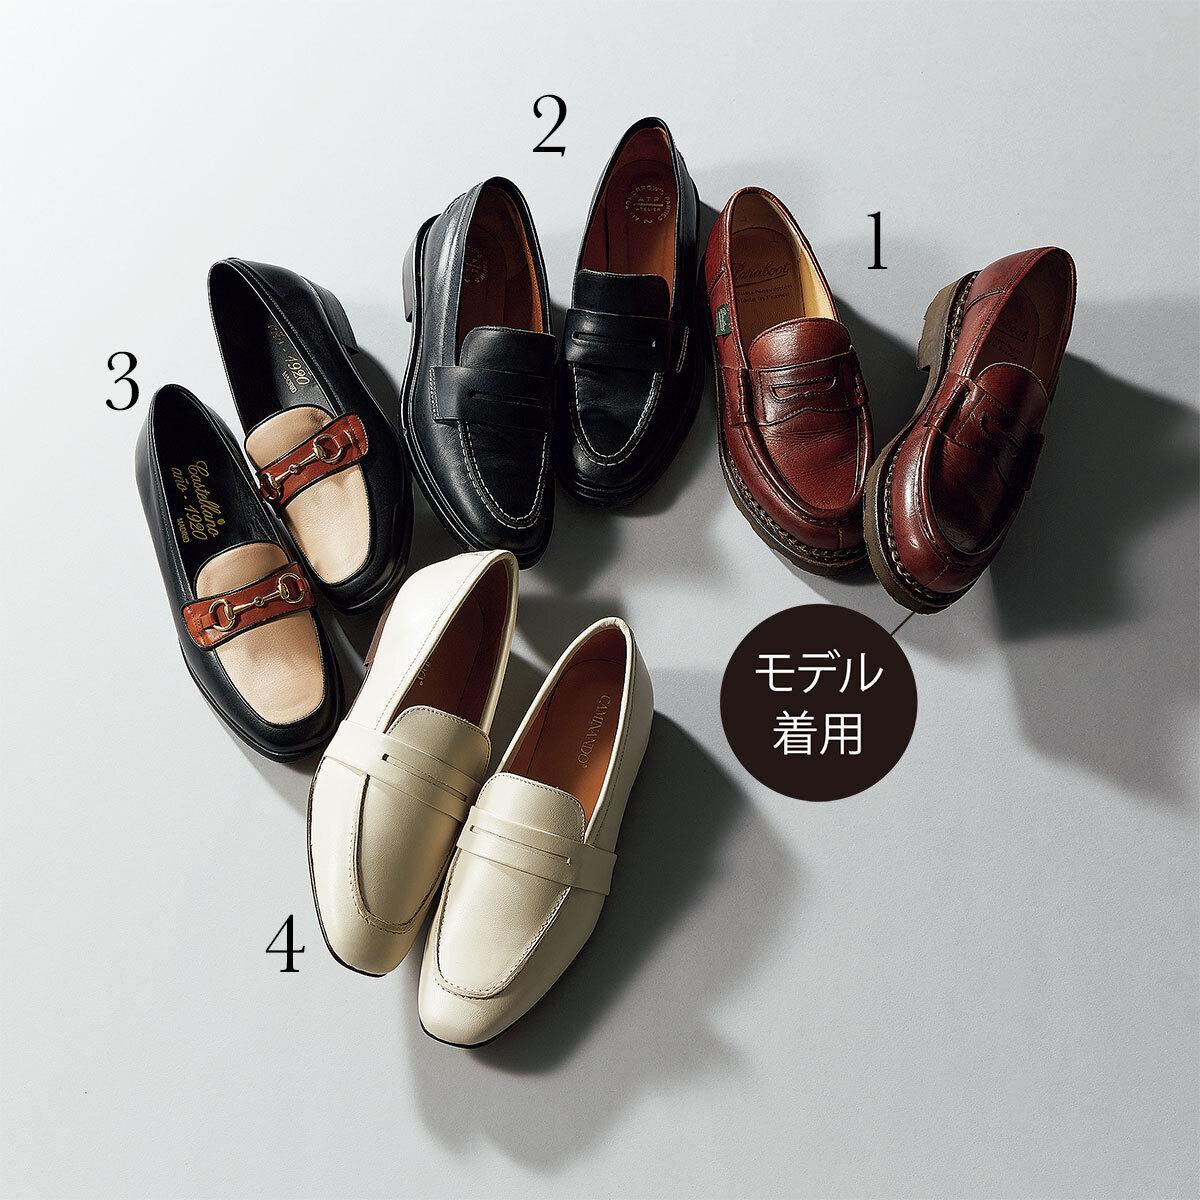 #2 かっちり男靴 大人の女性に必要な知性と端正さを足す